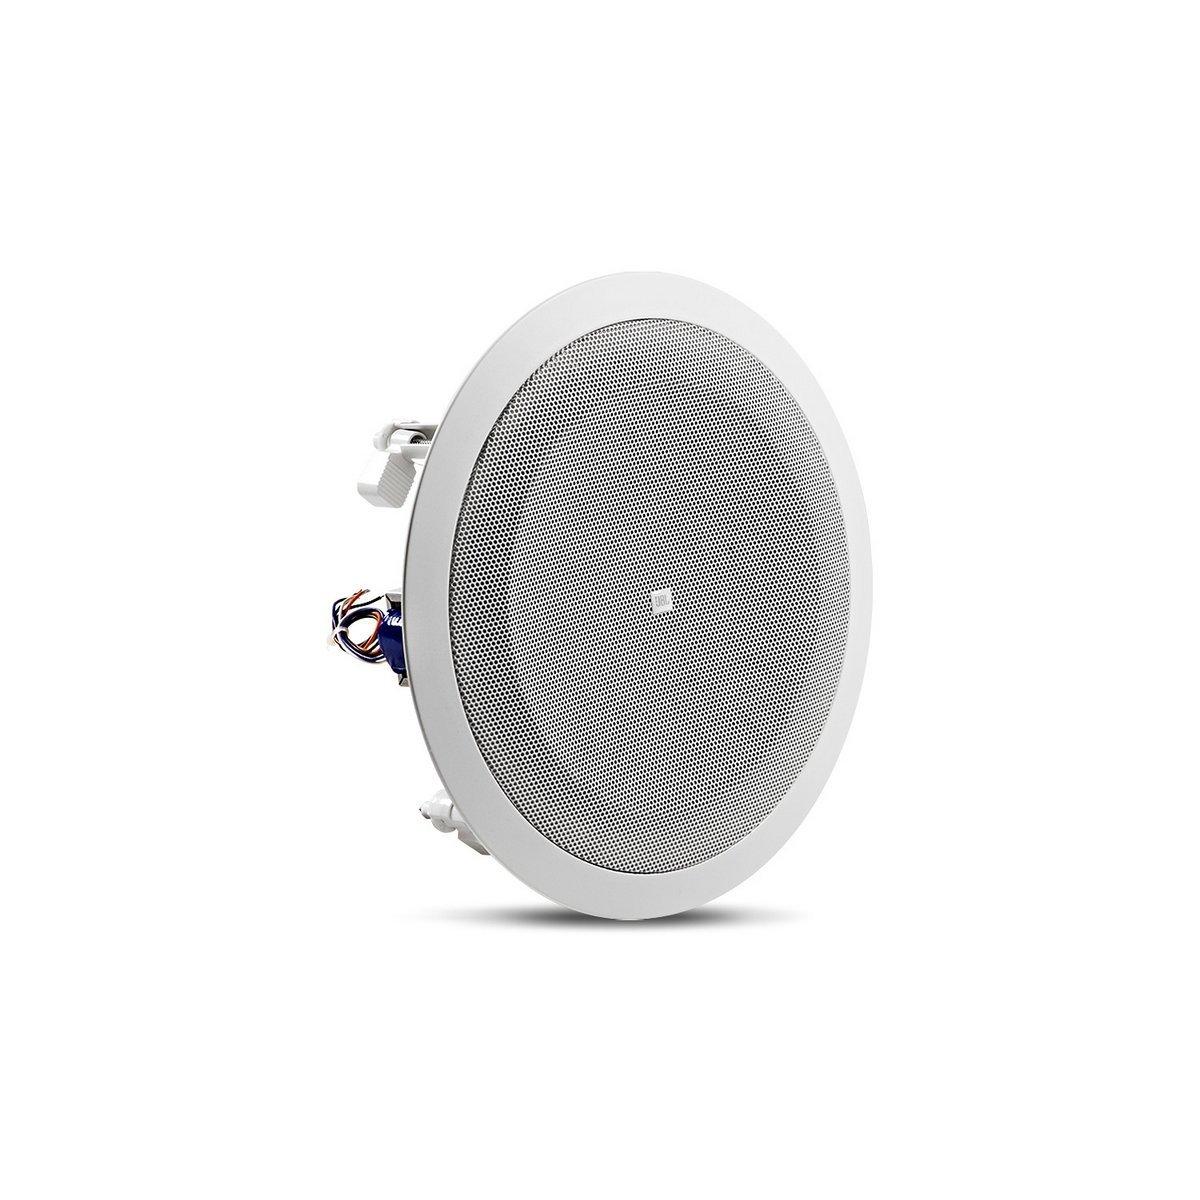 Jbl 8128 Full Range In Ceiling Loudspeaker 4 Speakers 100v Speaker Wiring Diagram Electronics